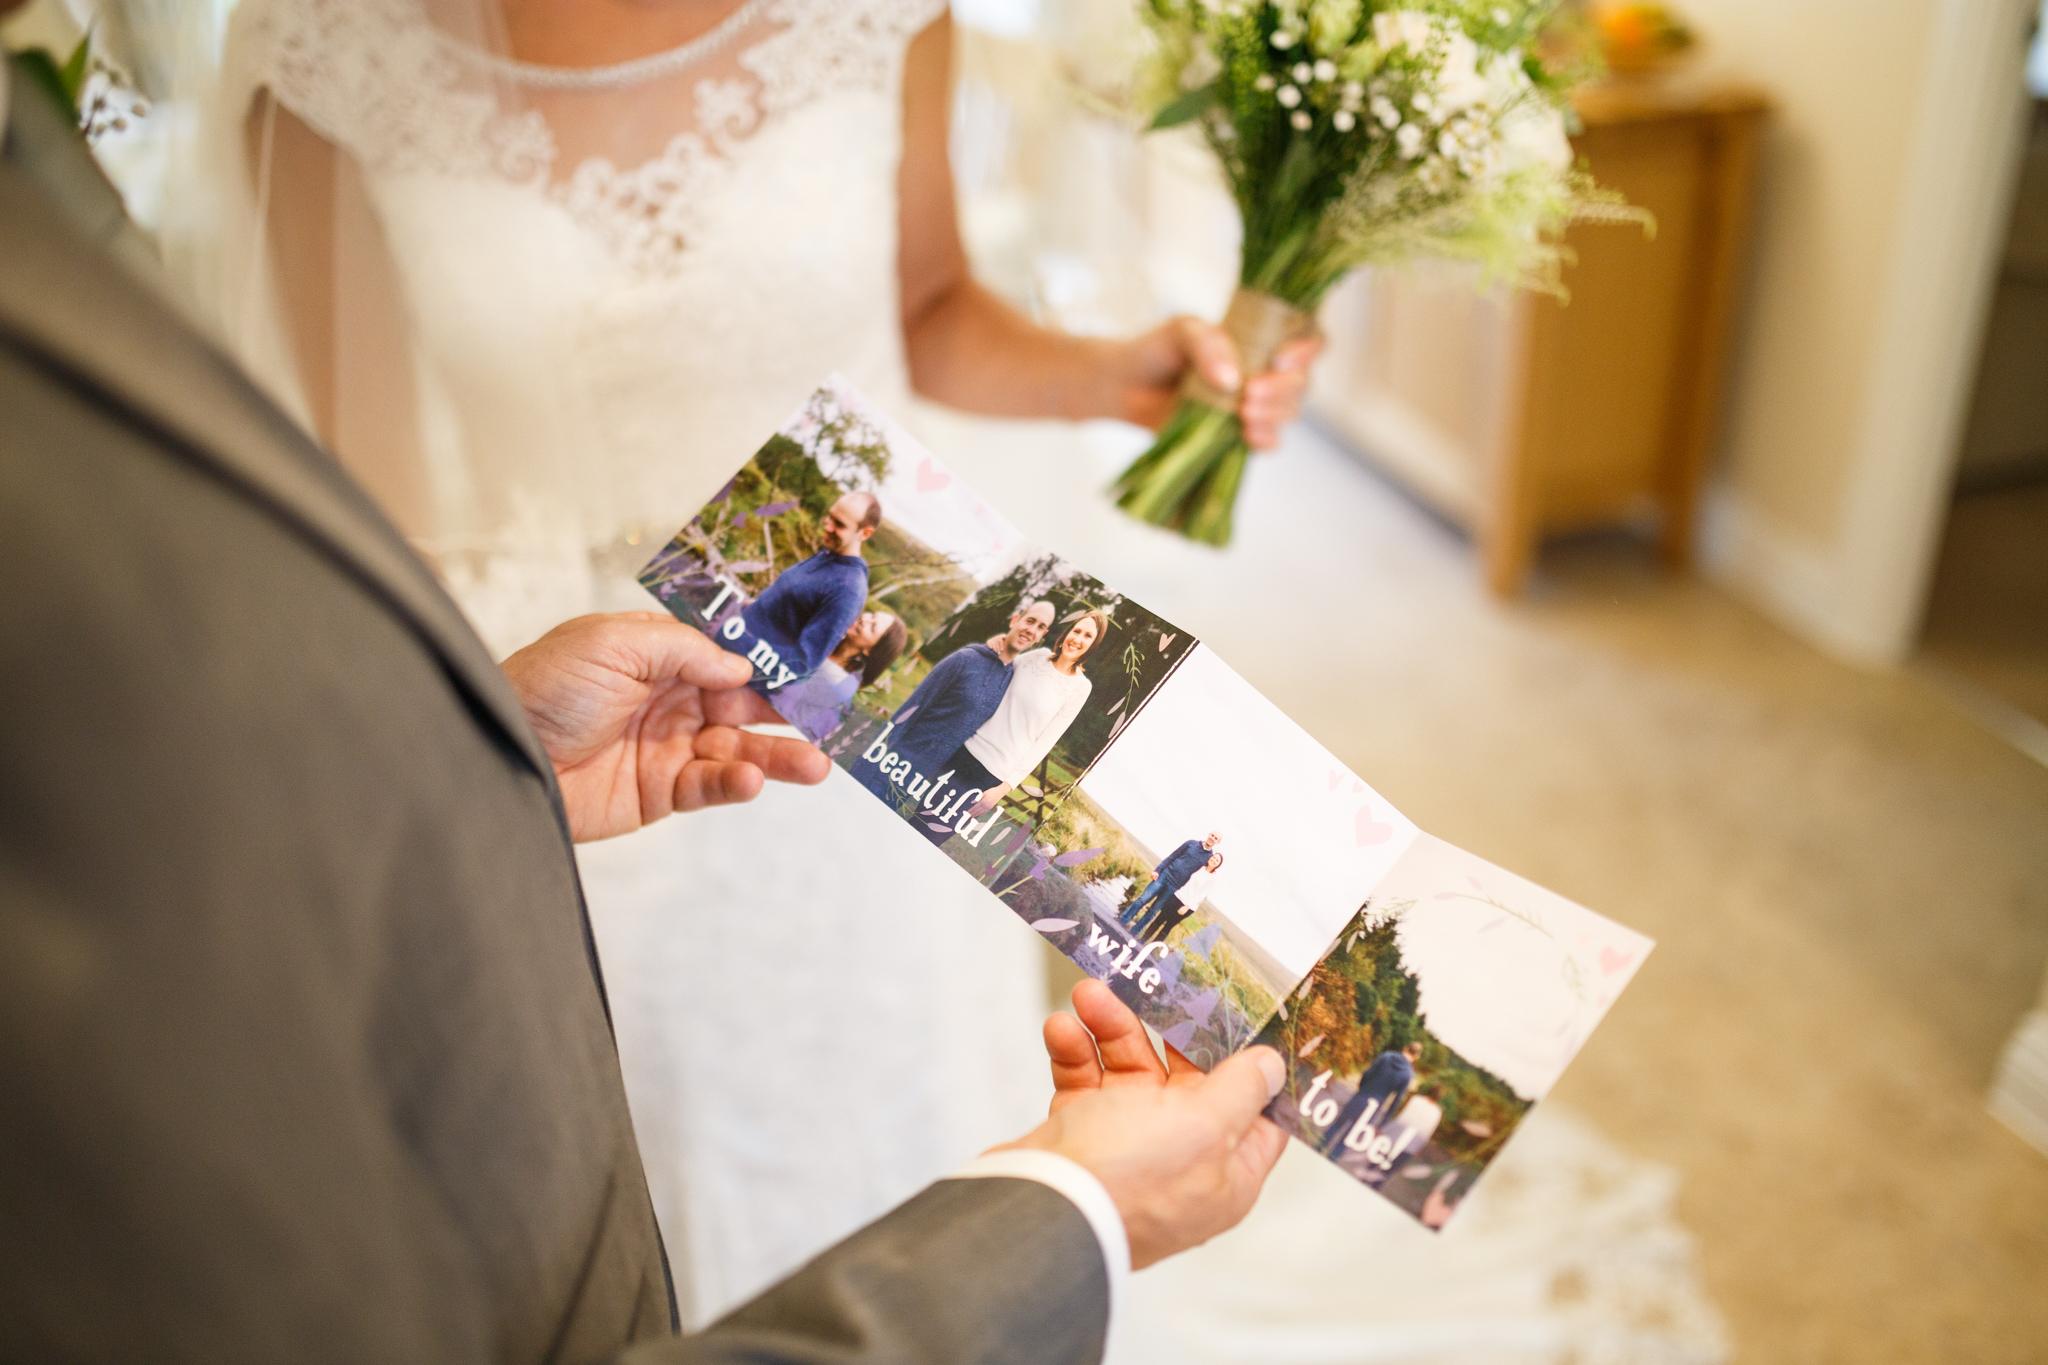 Simon_Rawling_Wedding_Photography-58.jpg